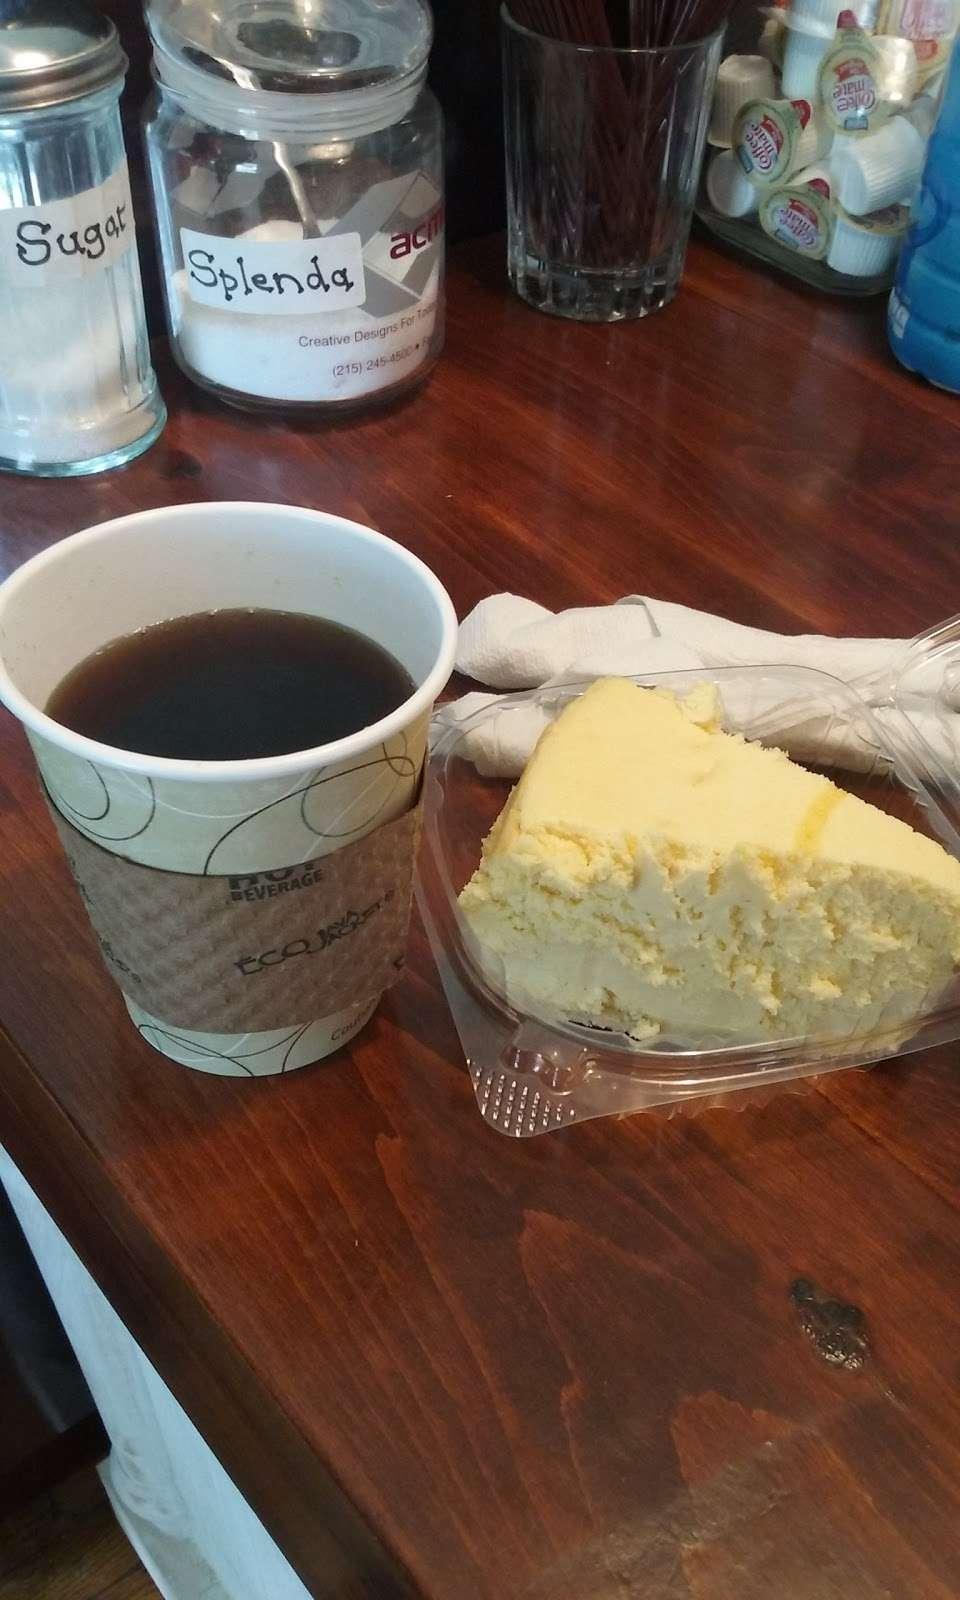 Tuckahoe Cheesecake - bakery  | Photo 6 of 10 | Address: 2177 NJ-50, Tuckahoe, NJ 08250, USA | Phone: (609) 628-2154